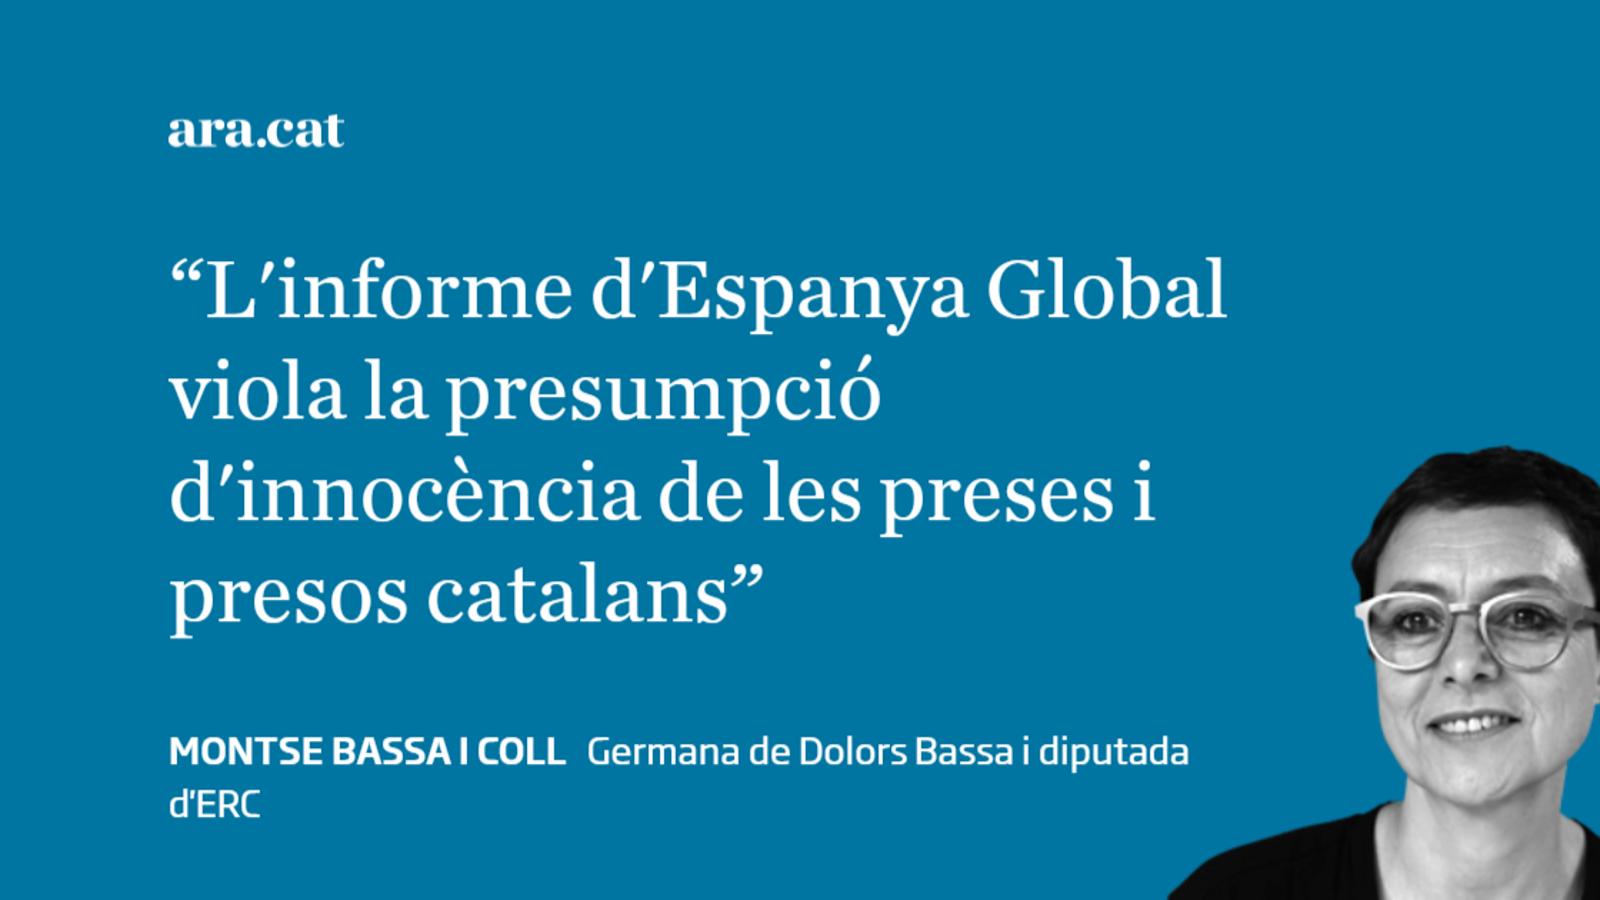 Espanya Global: una campanya de culpabilització